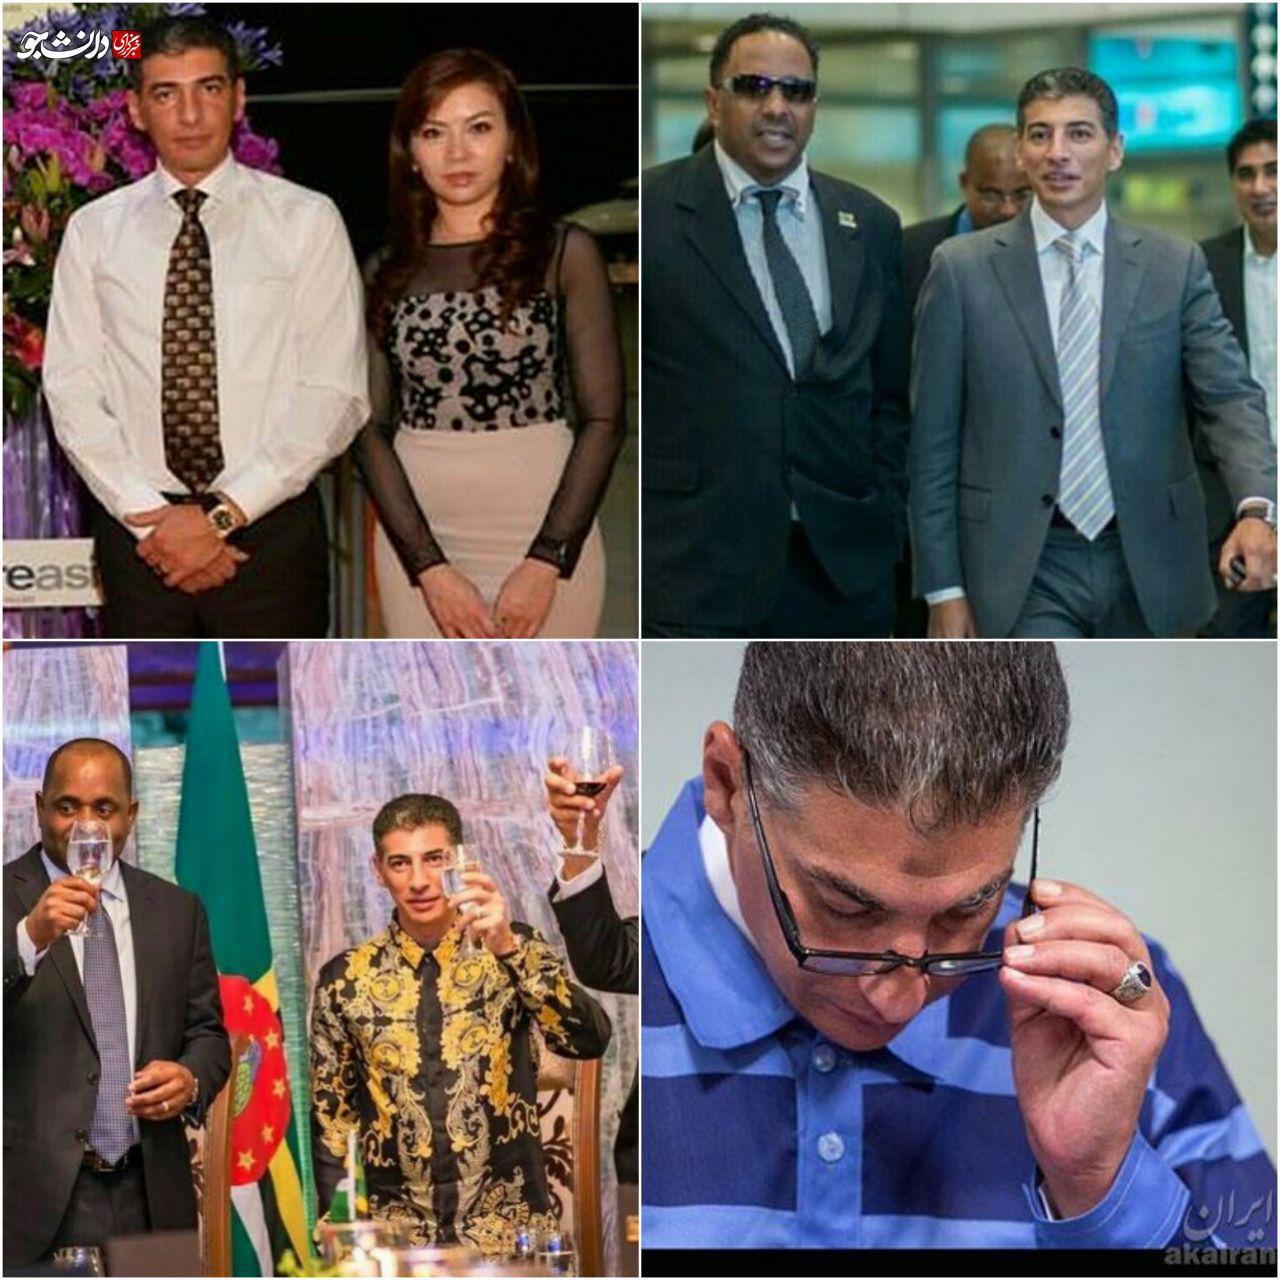 جعبه سیاه پرونده بابک زنجانی قبل و بعد از دستگیری+عکس